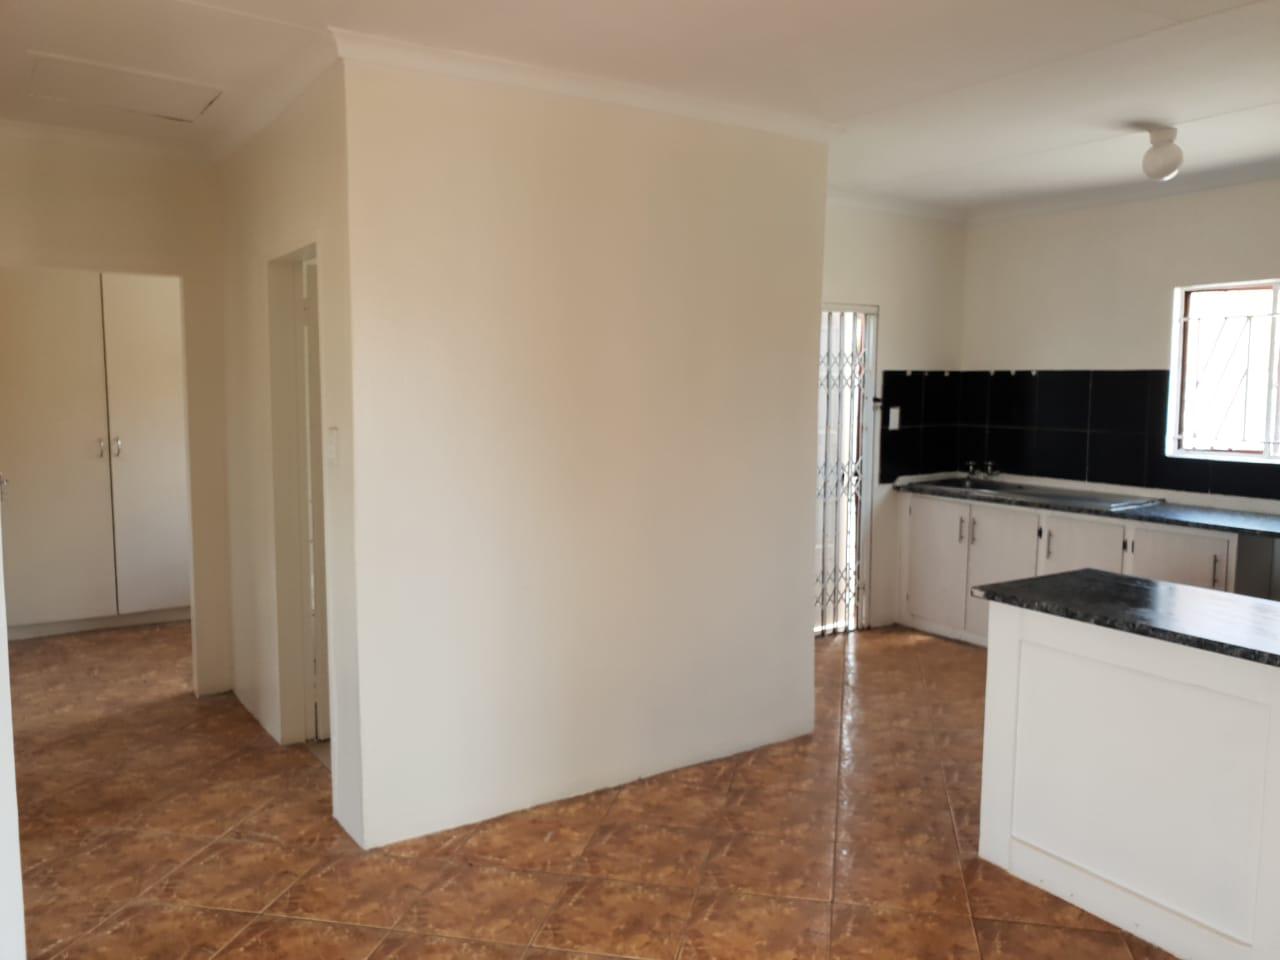 House Orchards x31 R770k Urgent sale